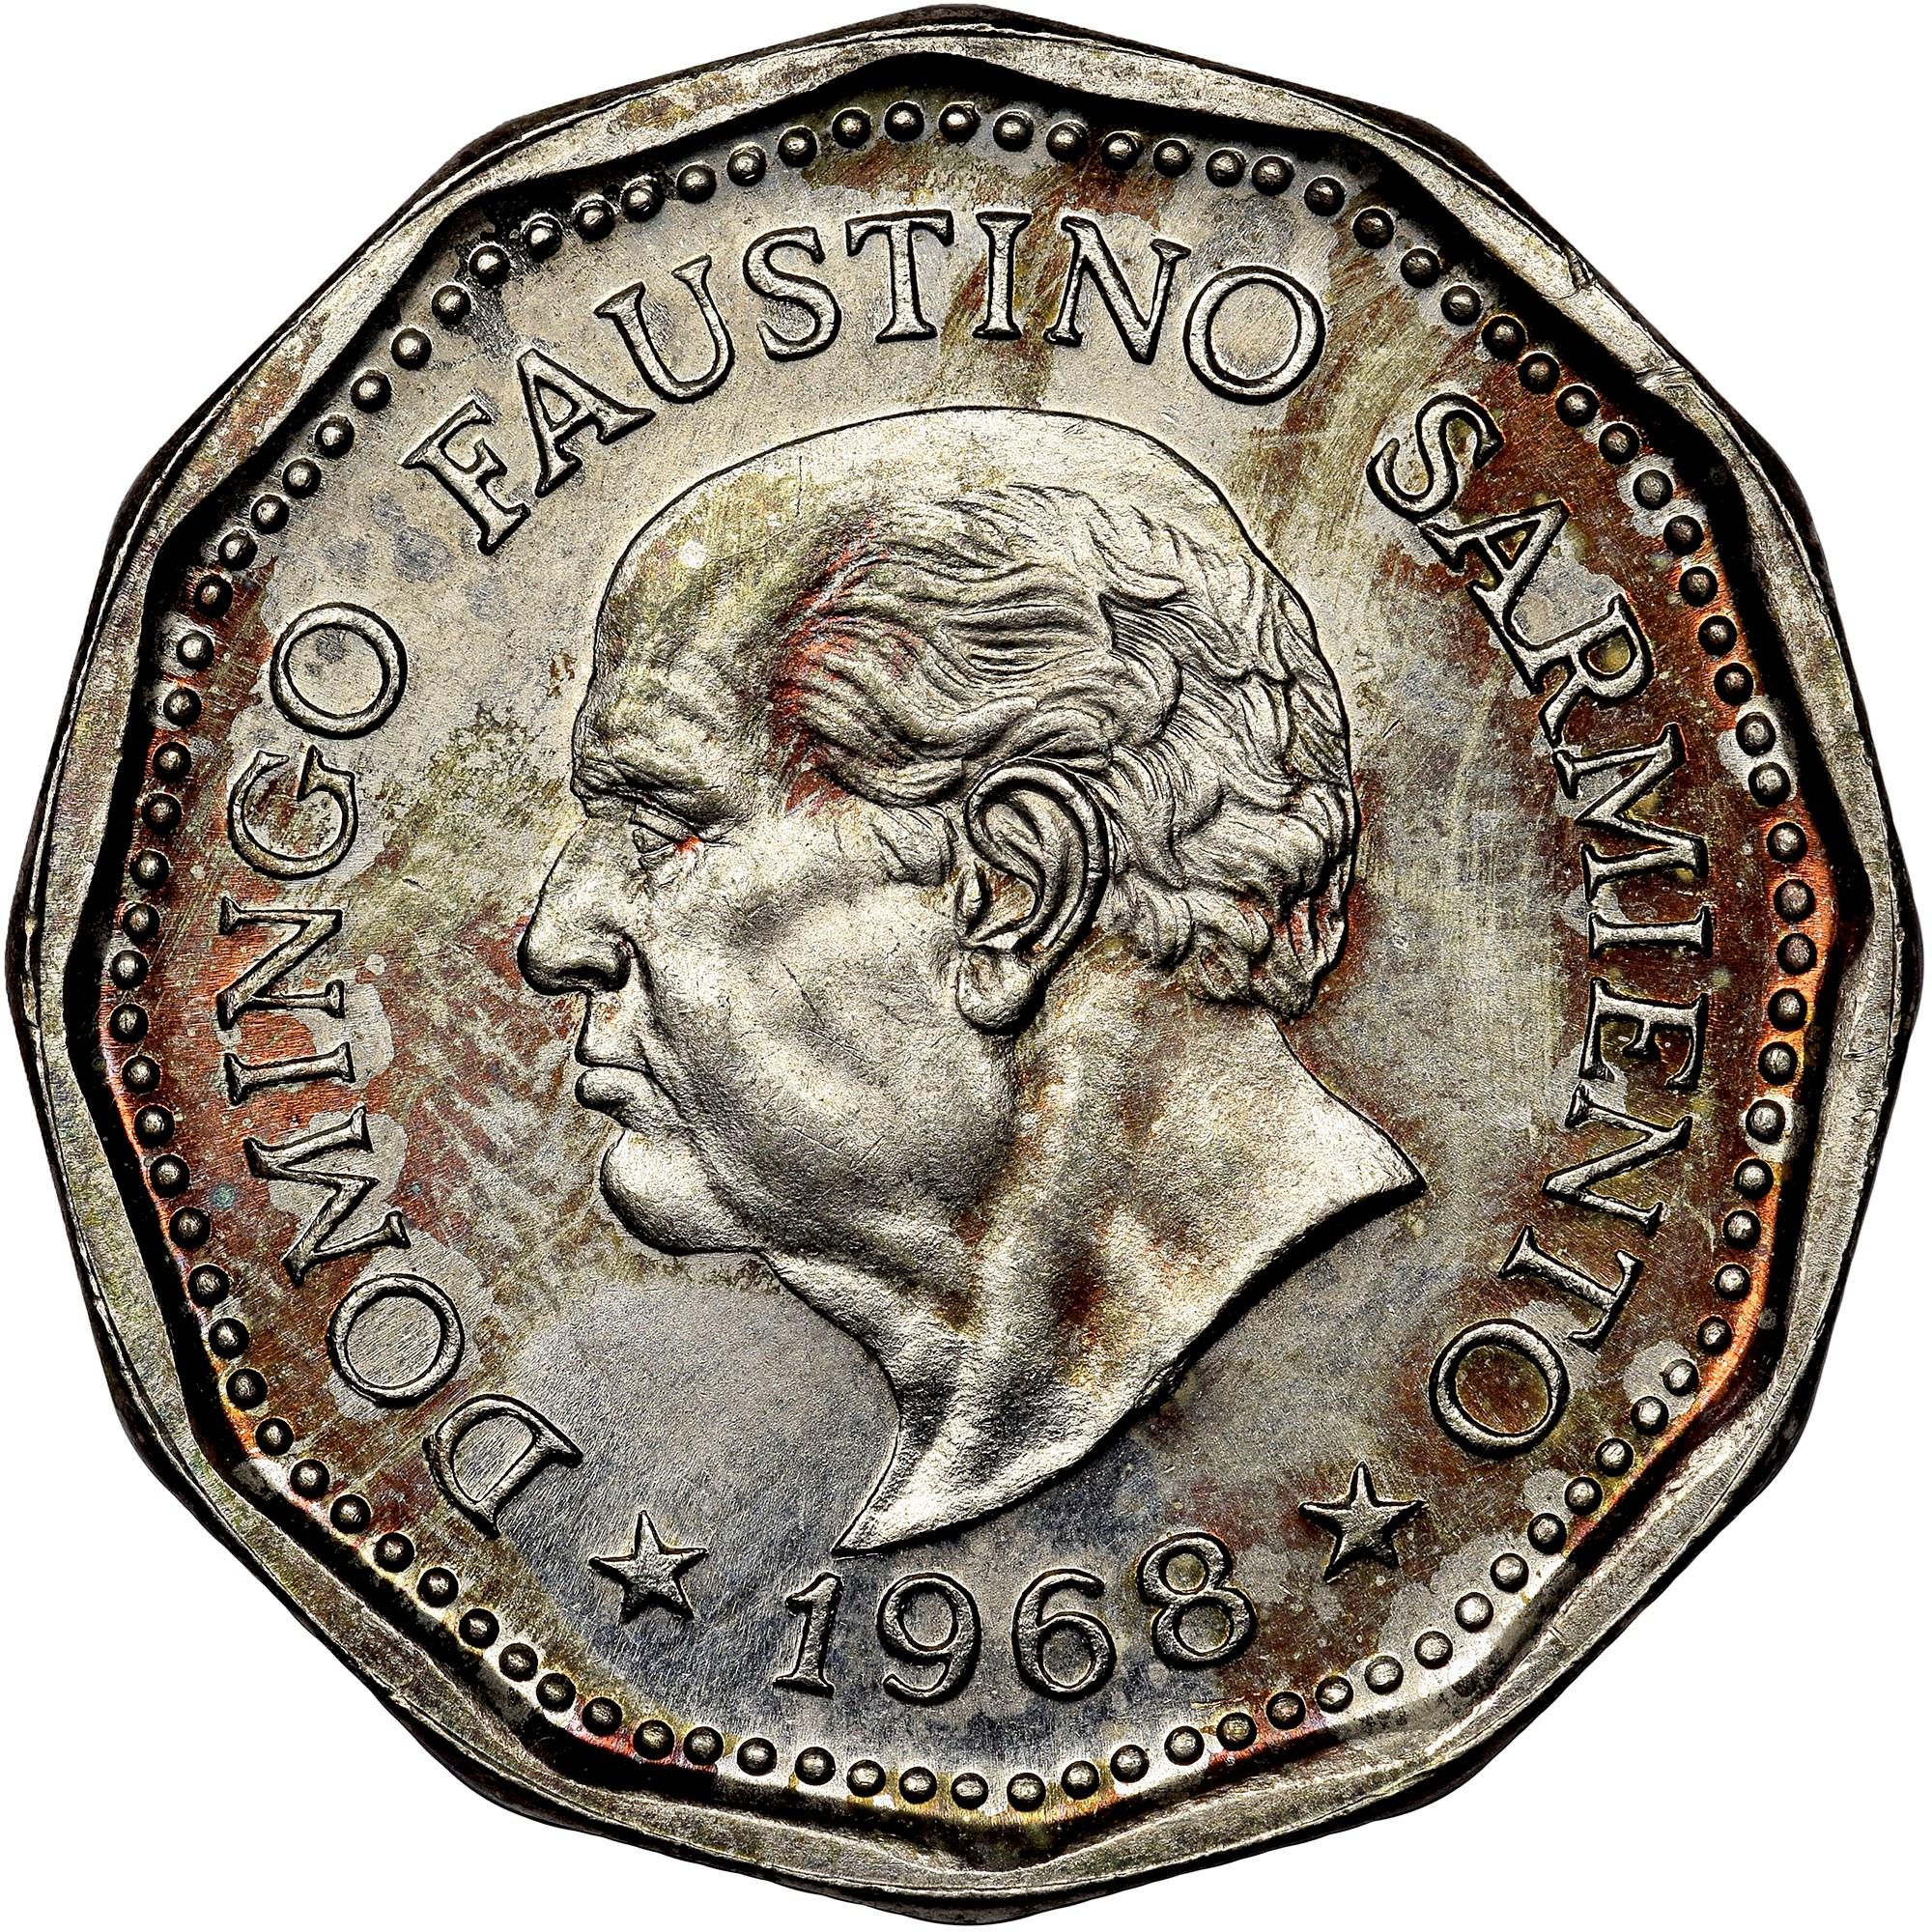 Argentina 25 Pesos reverse